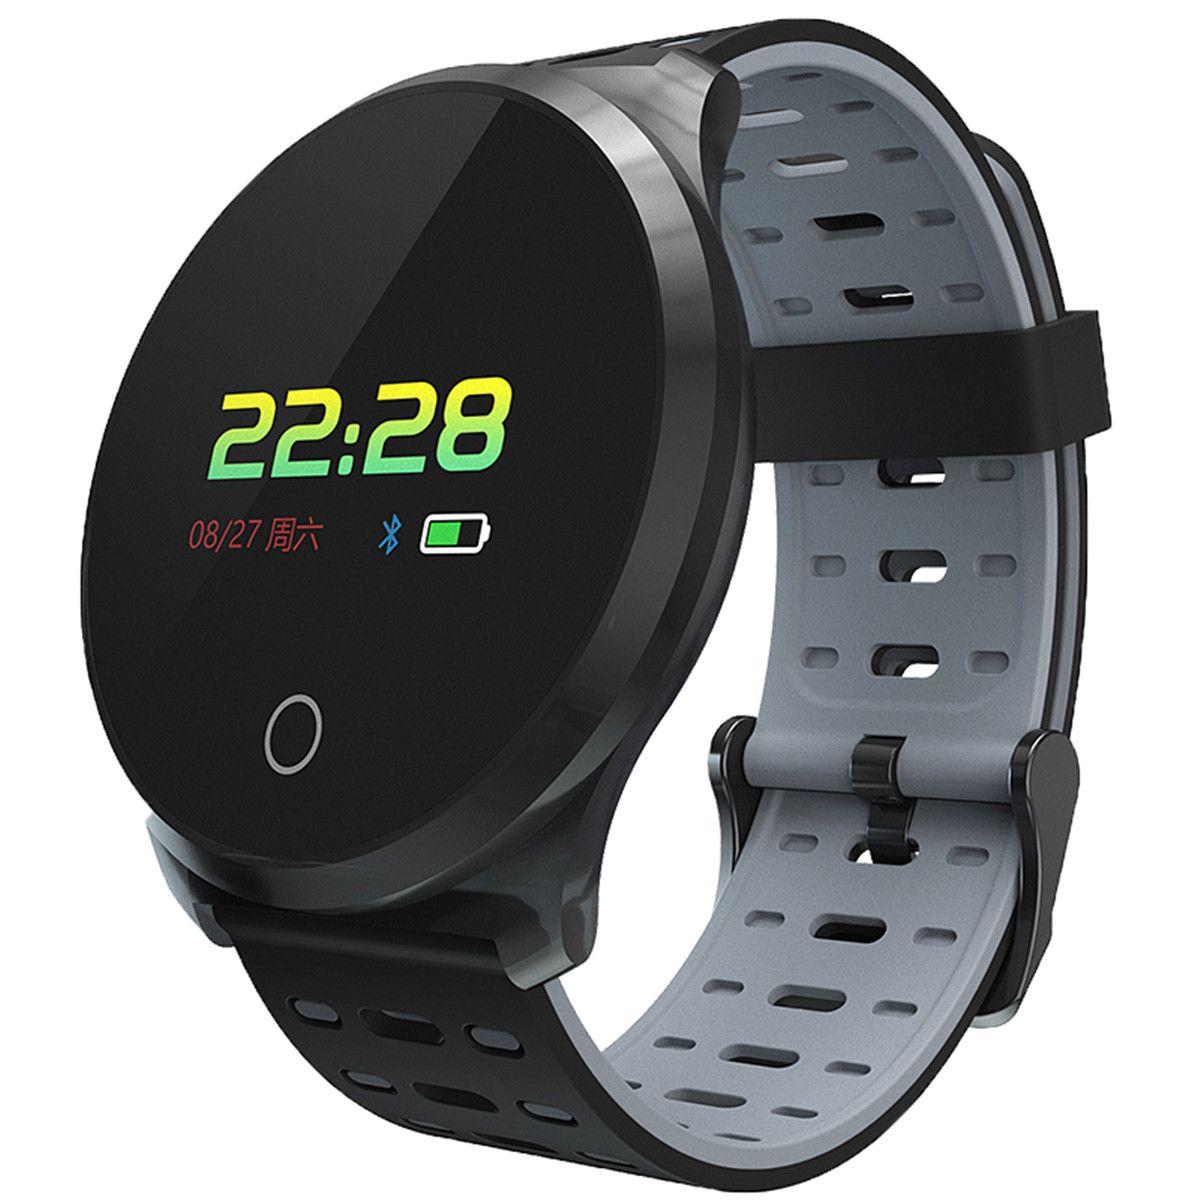 L5 PLUS Smart Uhr Blutdruck Sauerstoff Fitness Tracker Männer Frauen Wasserdichte Kamera Fern Sport Modus für iOS Android